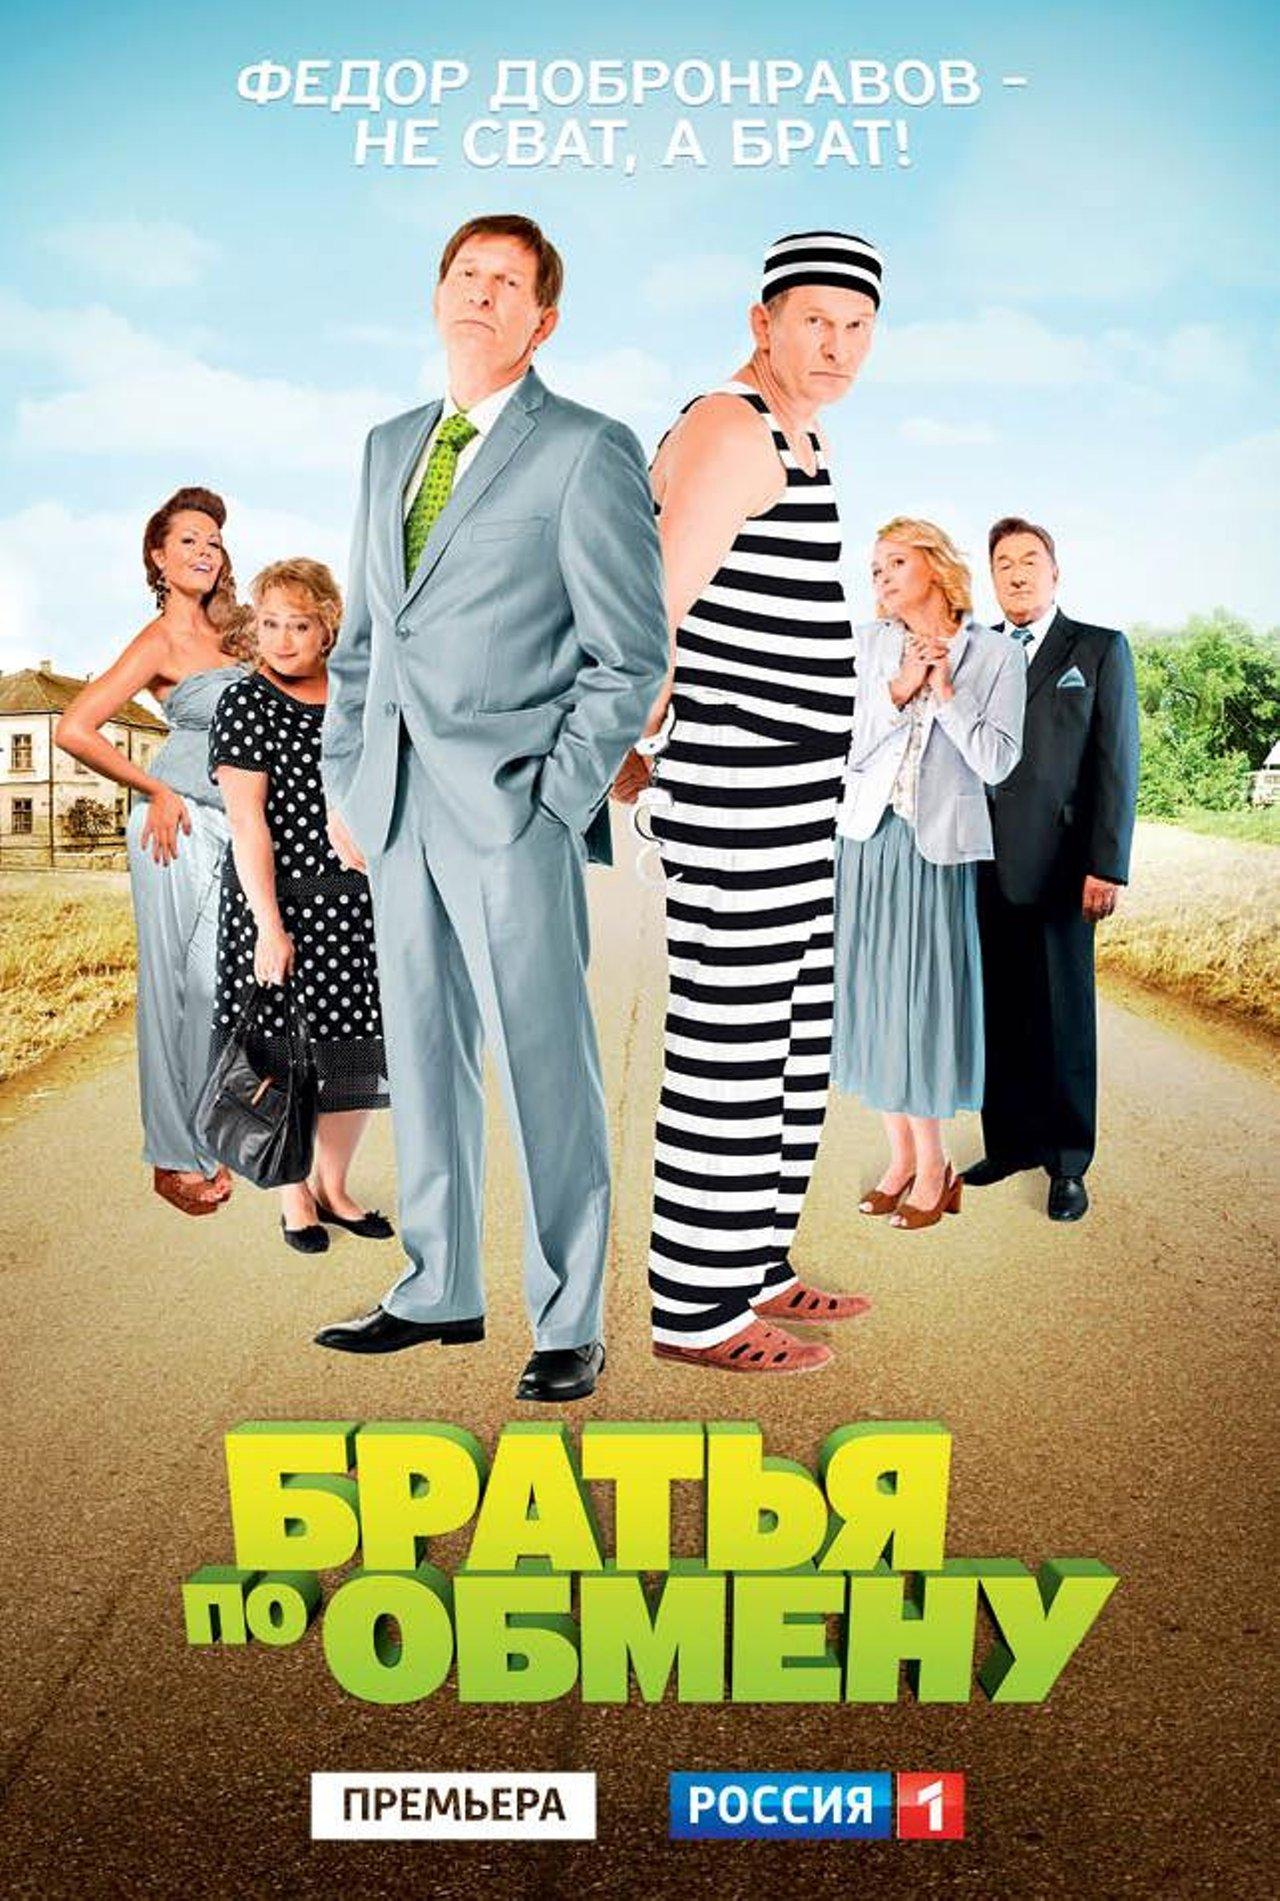 сериал сплетница 3 сезон смотреть онлайн: